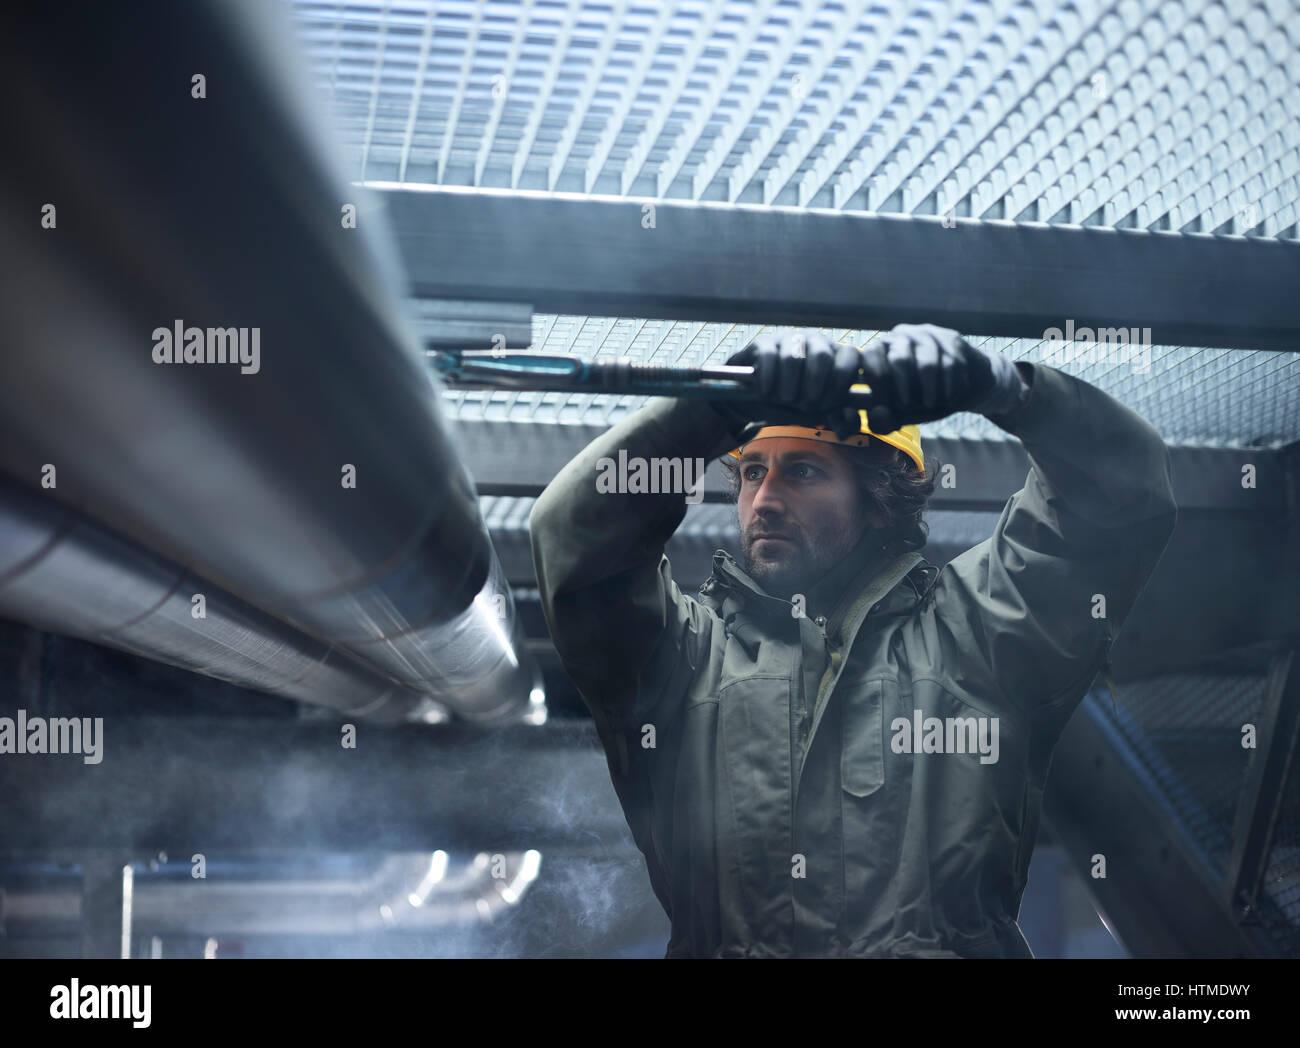 Mechaniker, Techniker, die Befestigung der Halterung einer Pipeline, Österreich Stockbild